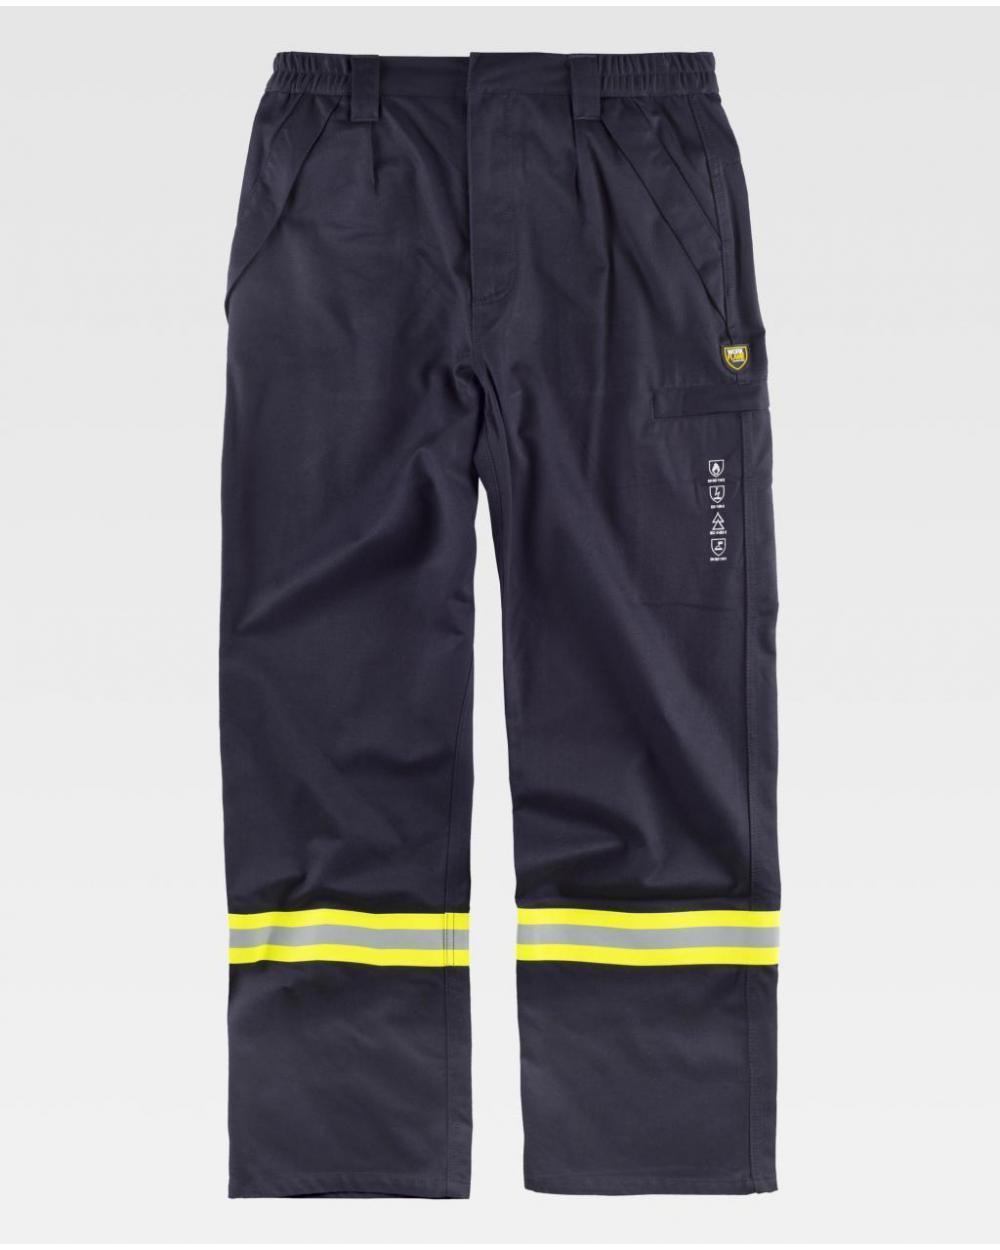 Comprar Pantalon ignifugo y antiestatico certificado B1498 Gris Oscuro workteam delante